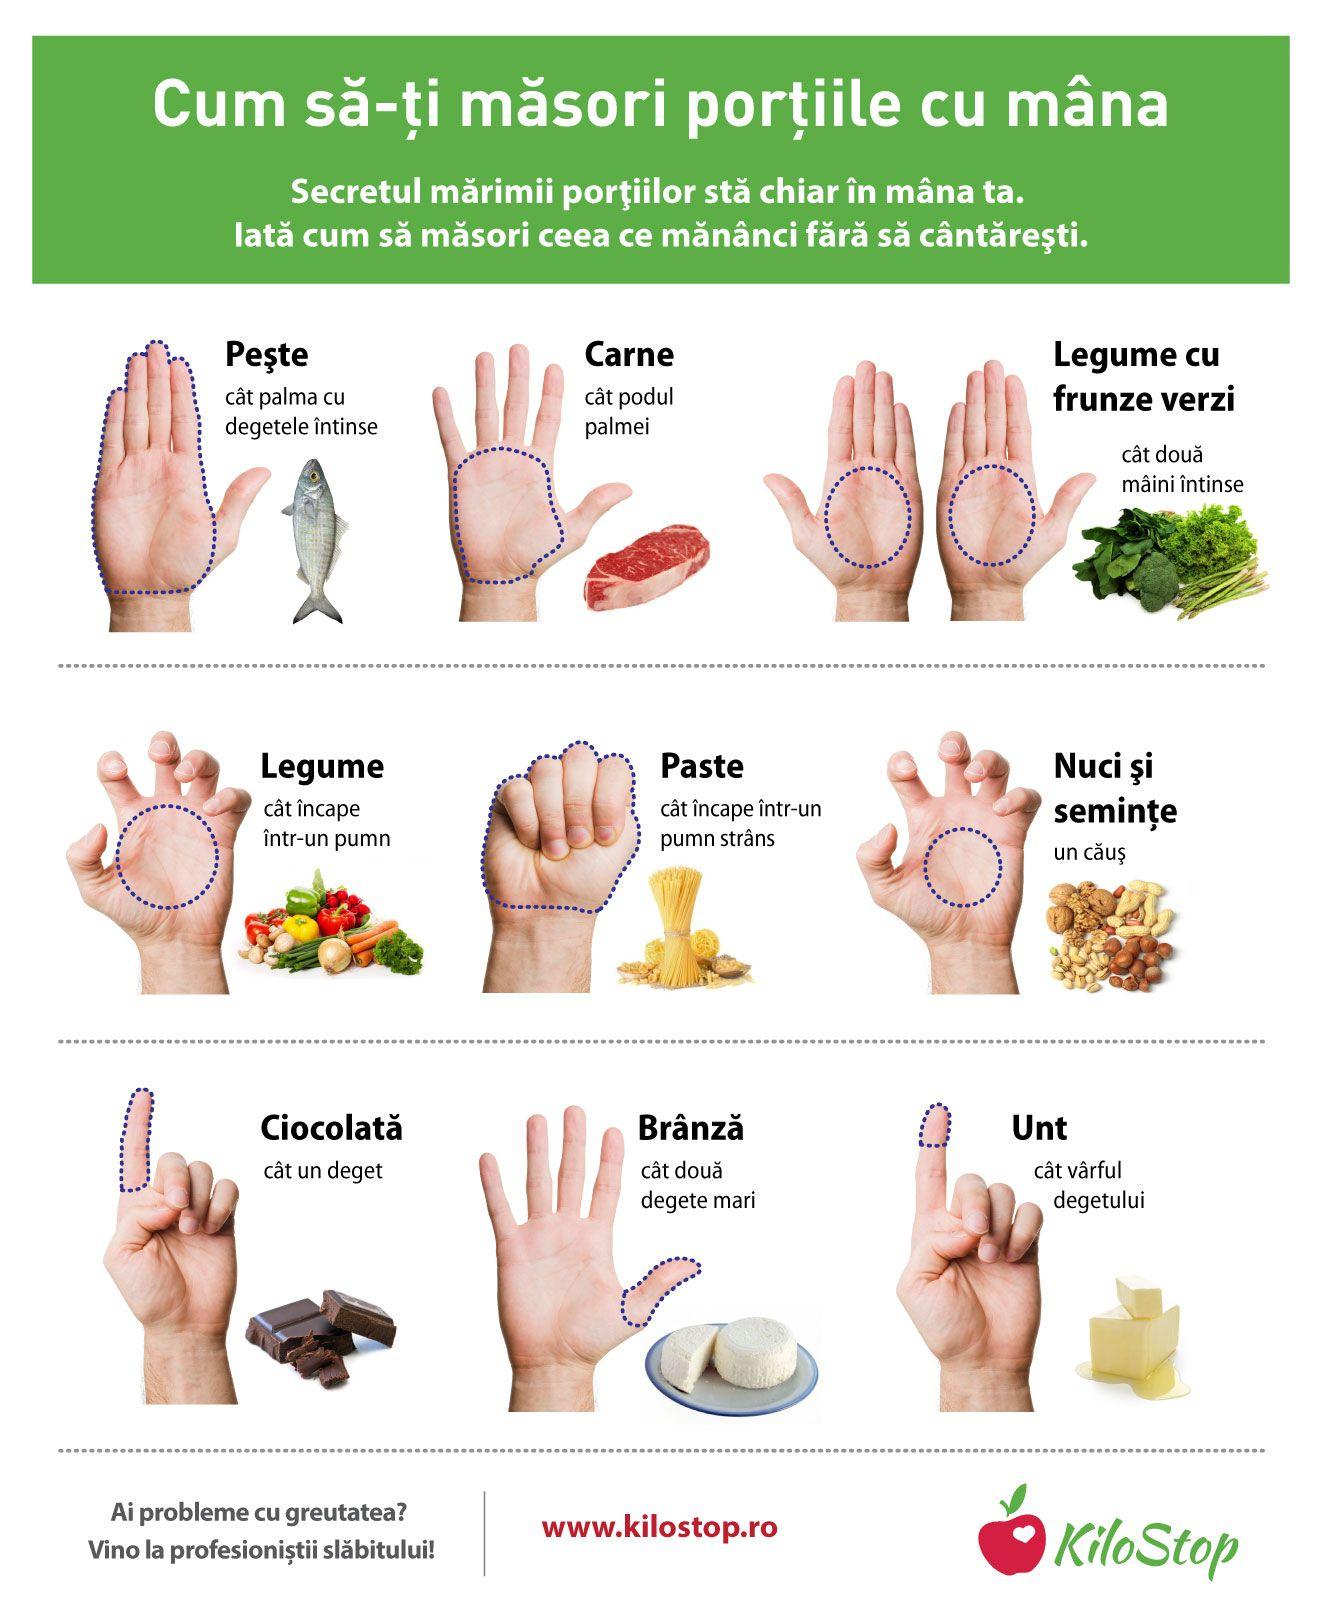 dr mana pierdere în greutate câtă pierdere în greutate pe slim rapid